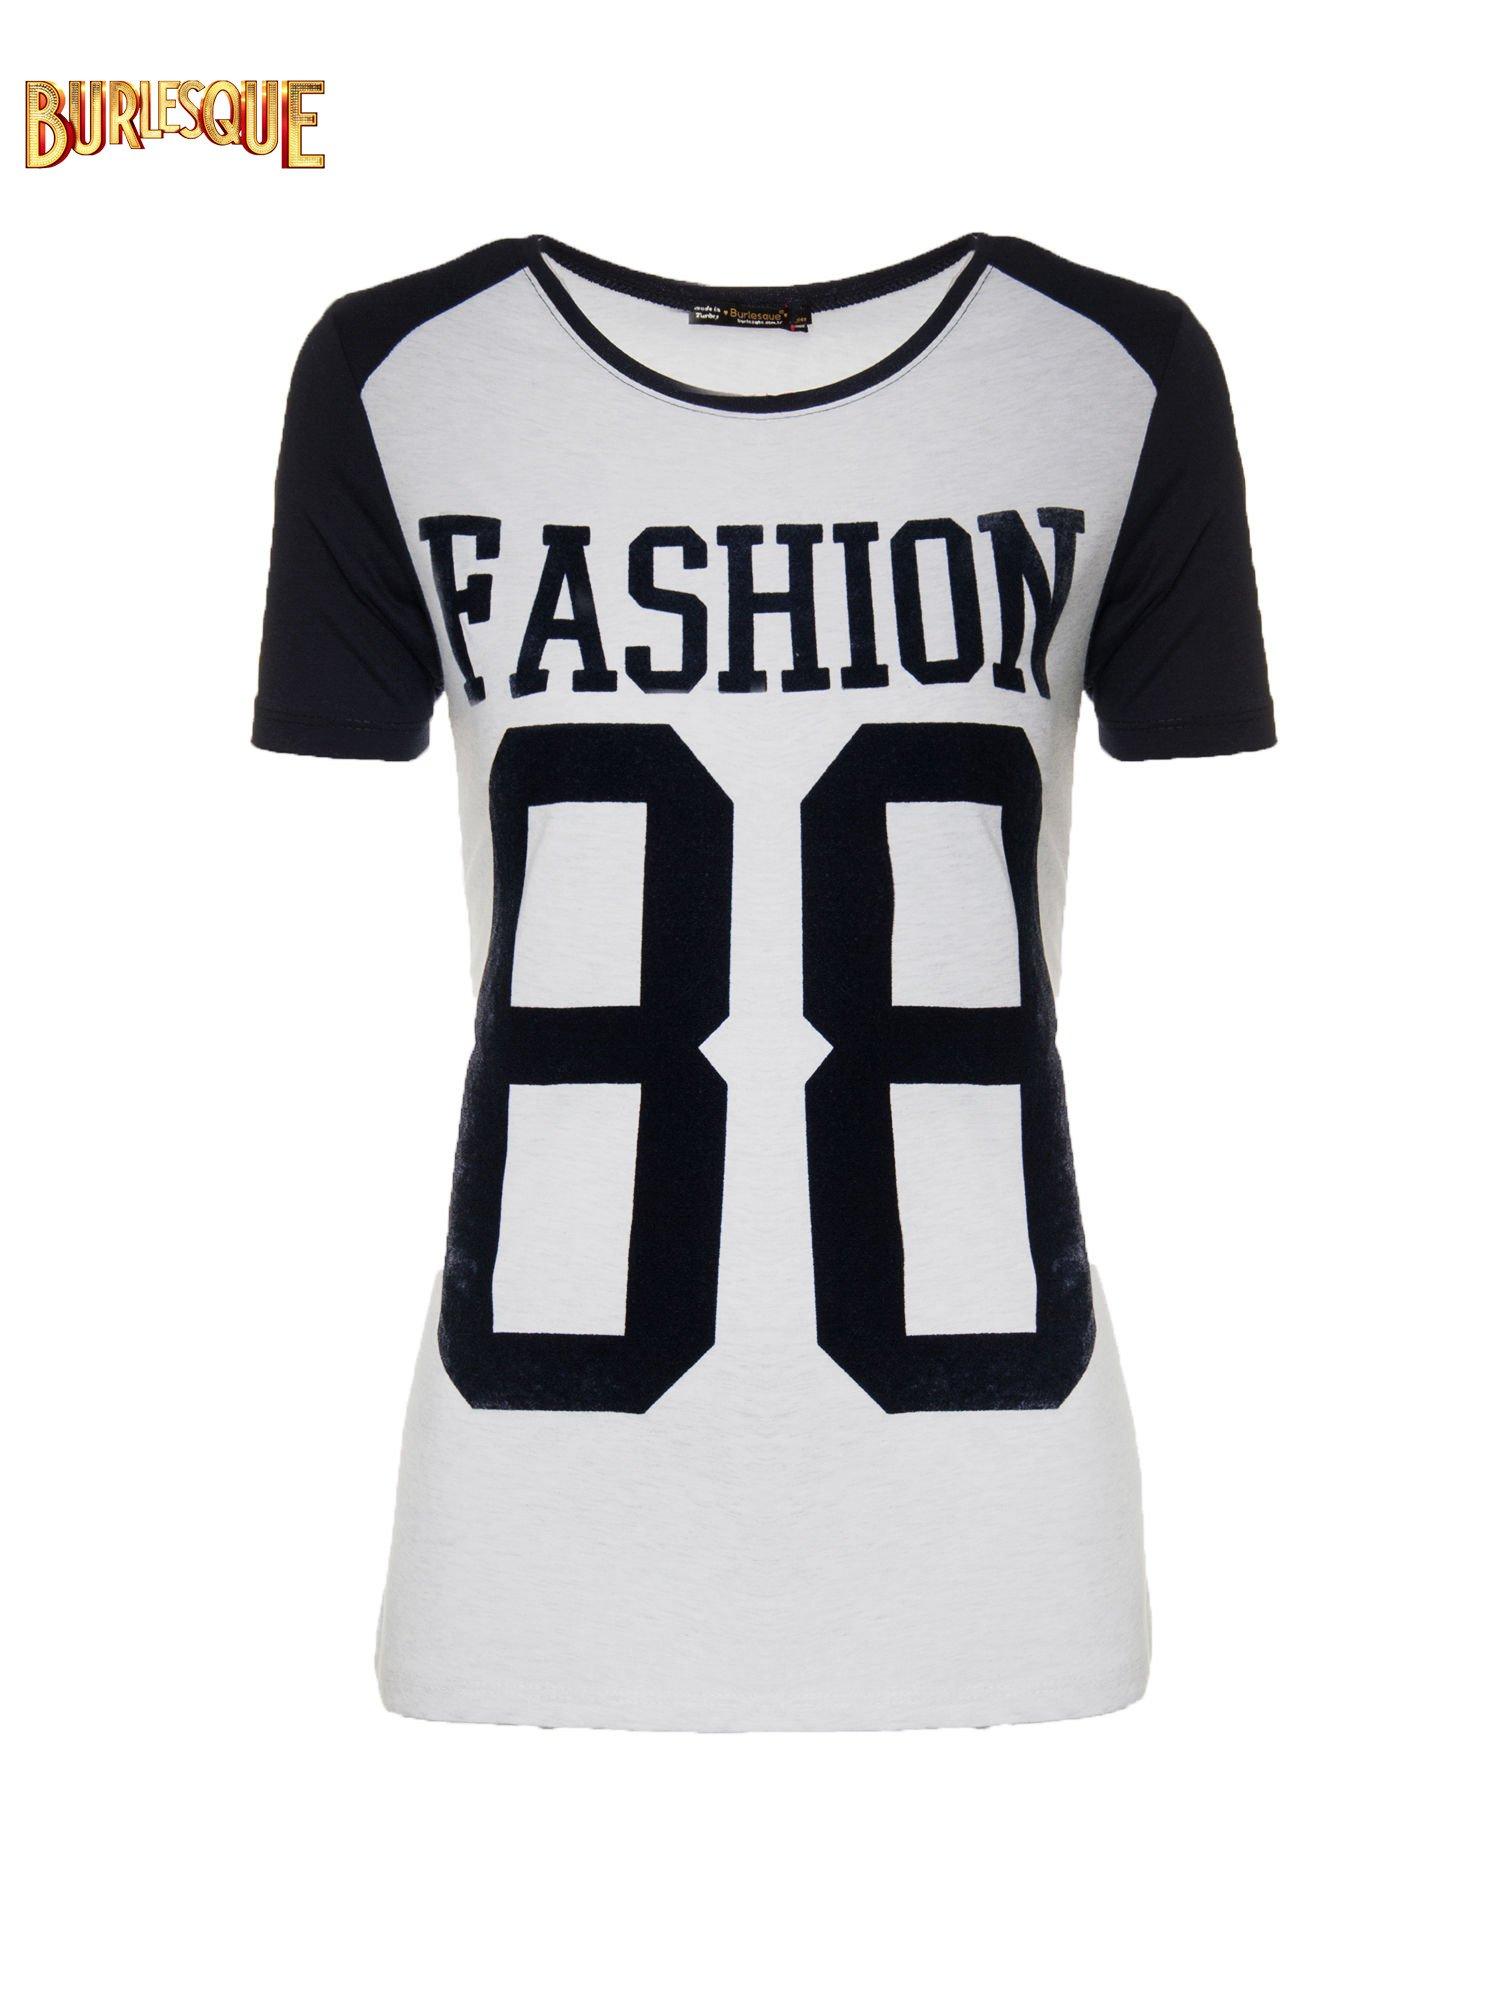 Melanżowo-czarny t-shirt z nadrukiem FASHION 88                                  zdj.                                  1